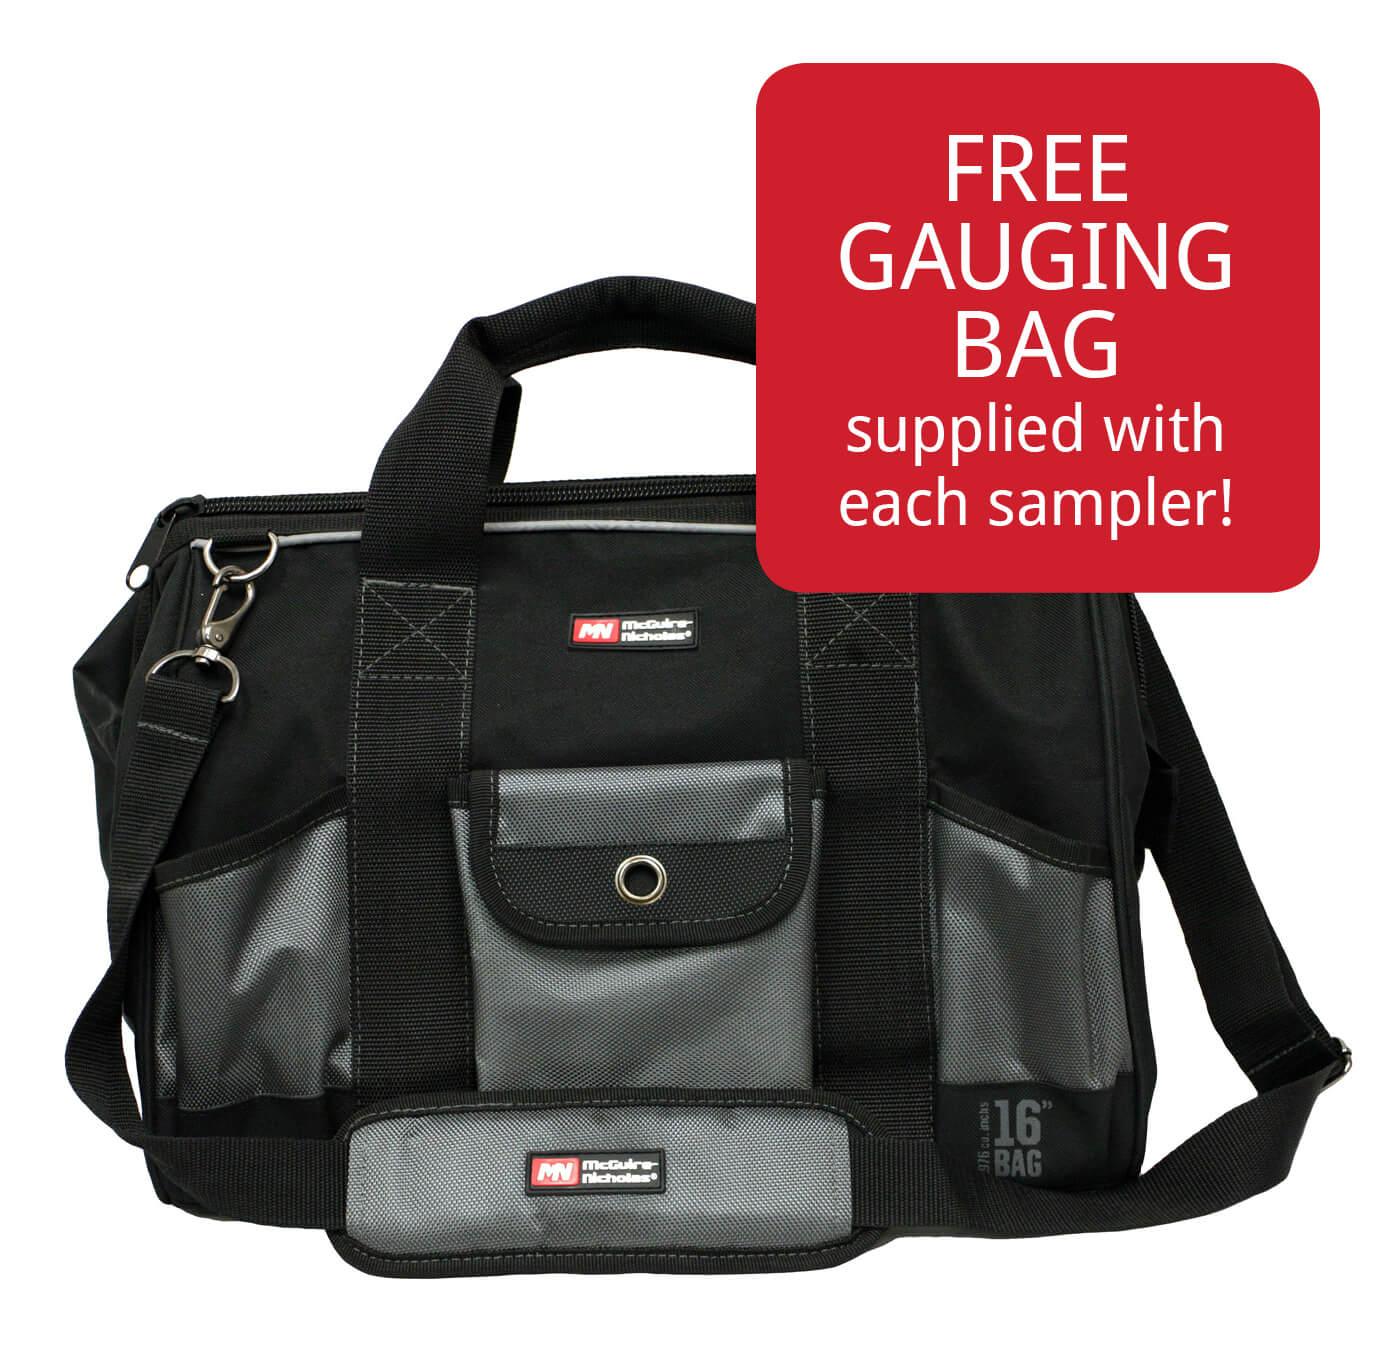 Free Gauging Bag